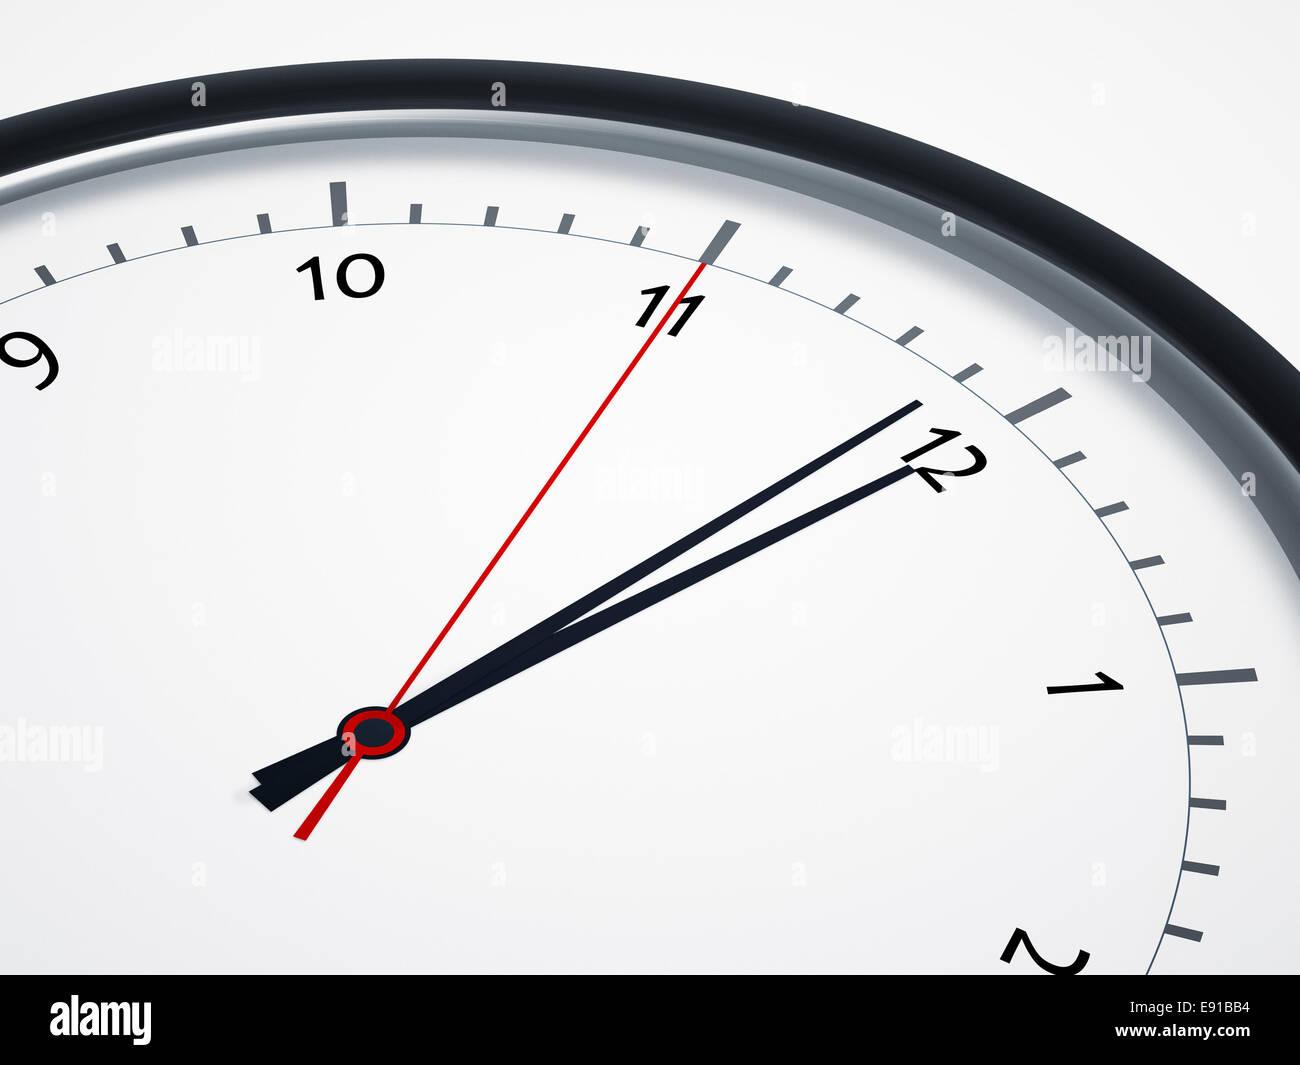 five seconds to twelve - Stock Image